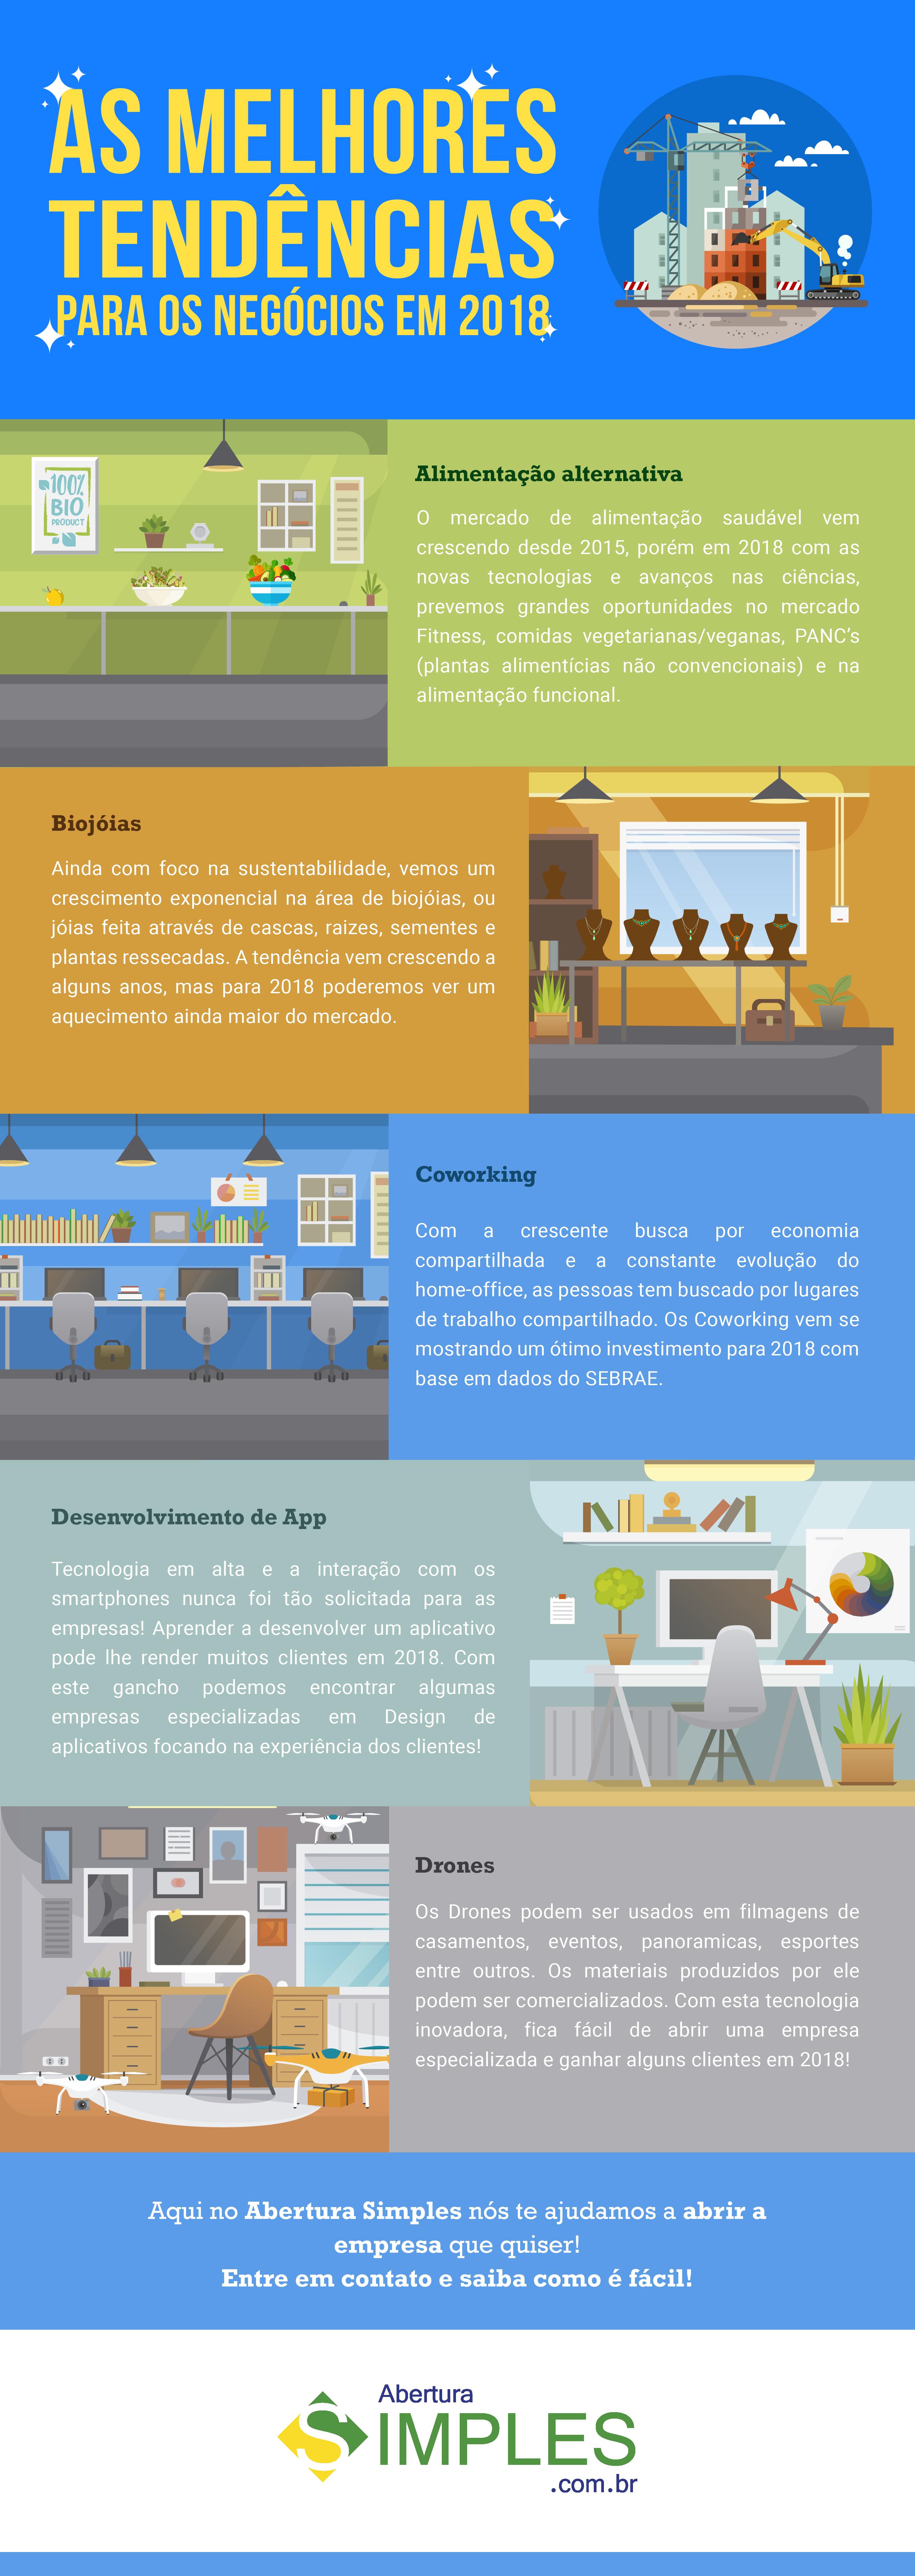 Infográfico sobre as tendências de negócios para 2018 - Abertura Simples